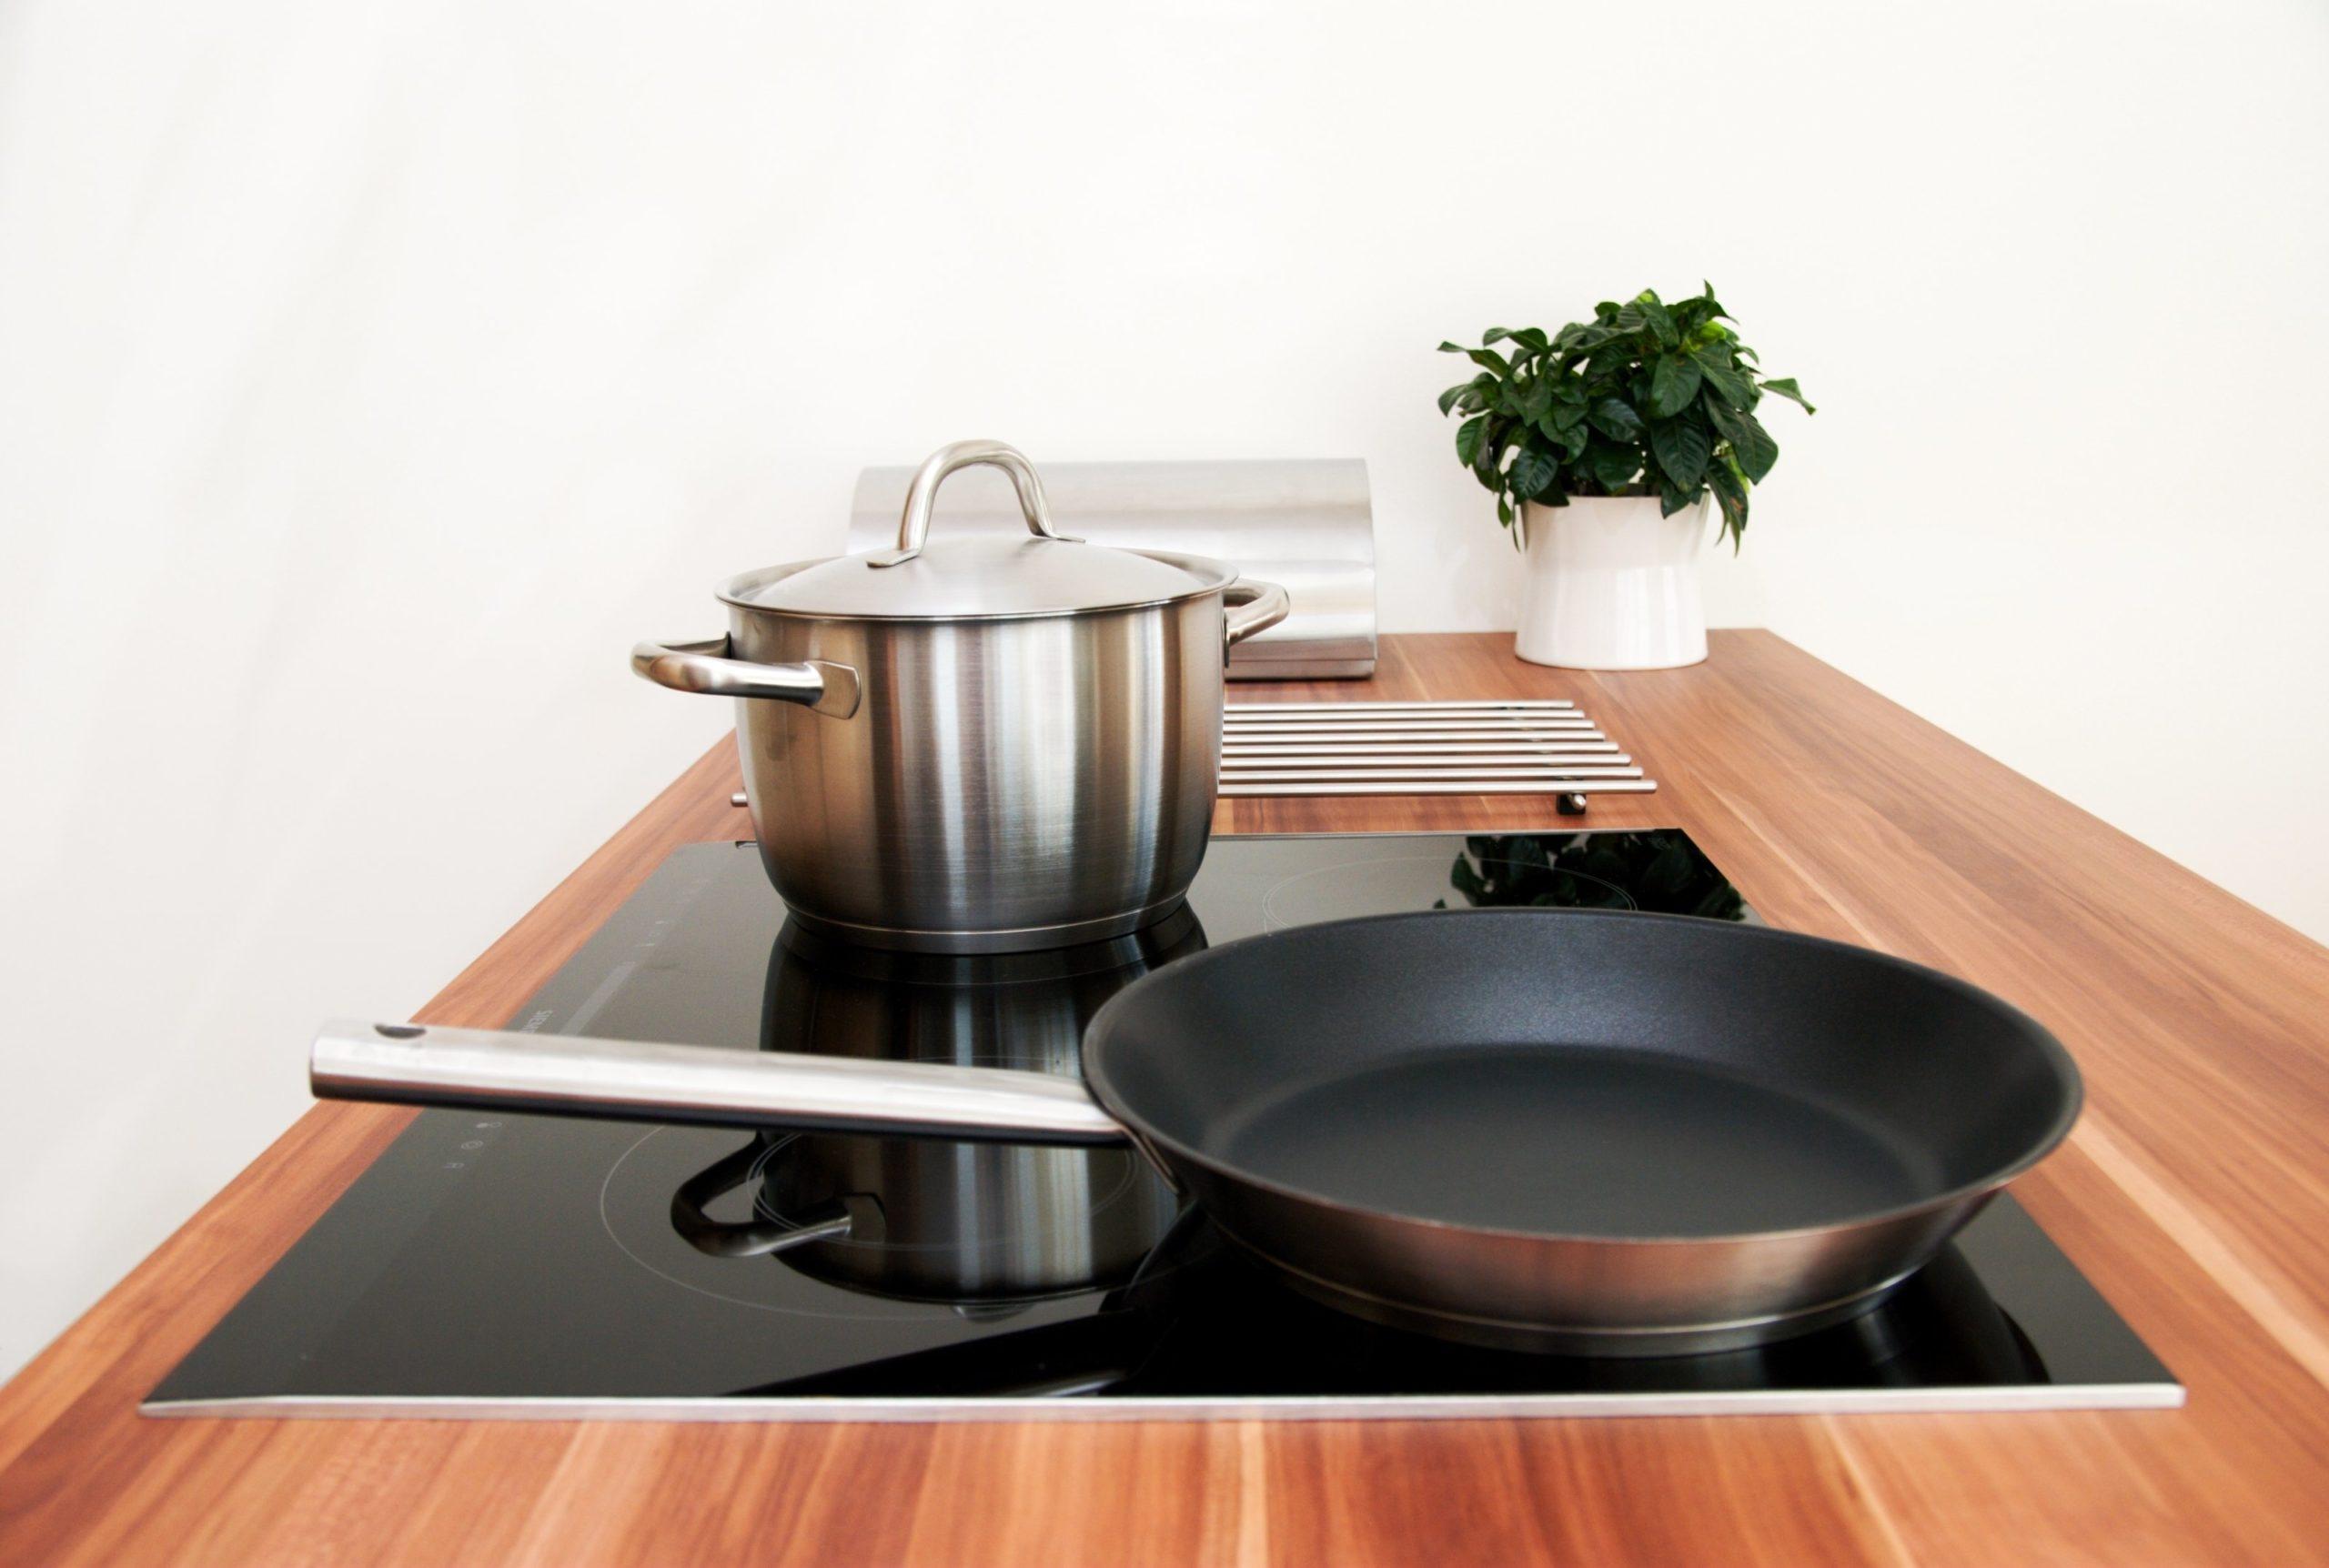 посуда для индукционной плиты на кухне